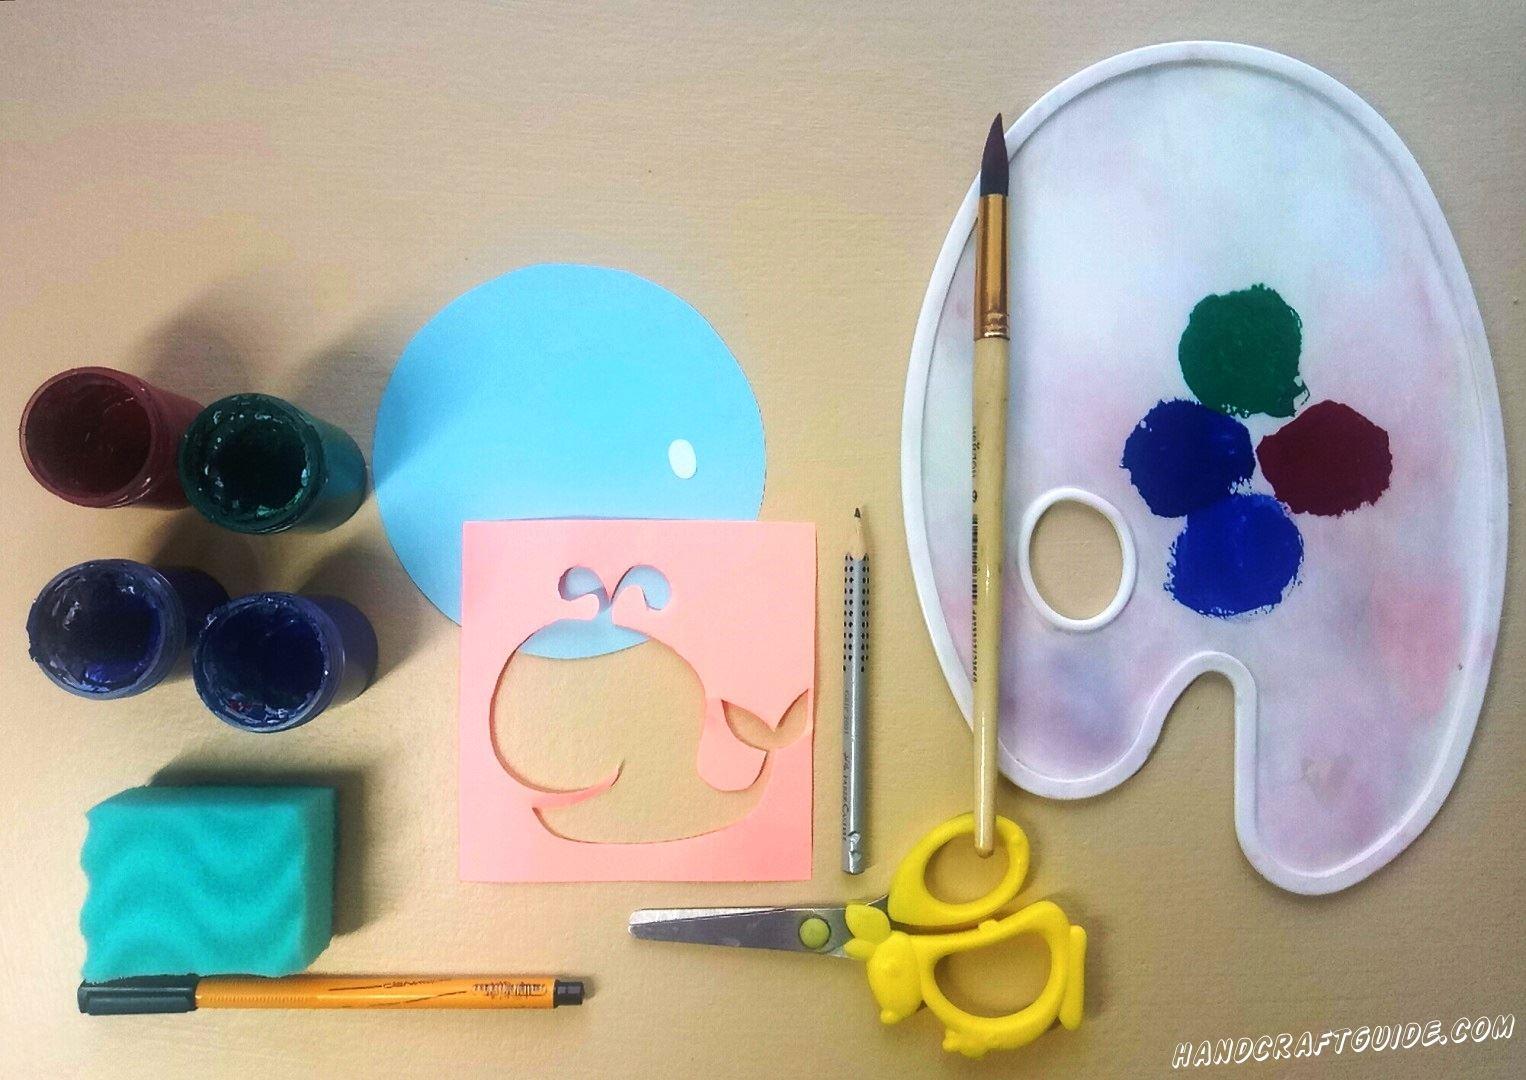 Прикладываем трафарет на голубой круг и намазываем синей, а также зелёной краской  нашу мягкую губку. Начинаем разрисовывать одну половину кита